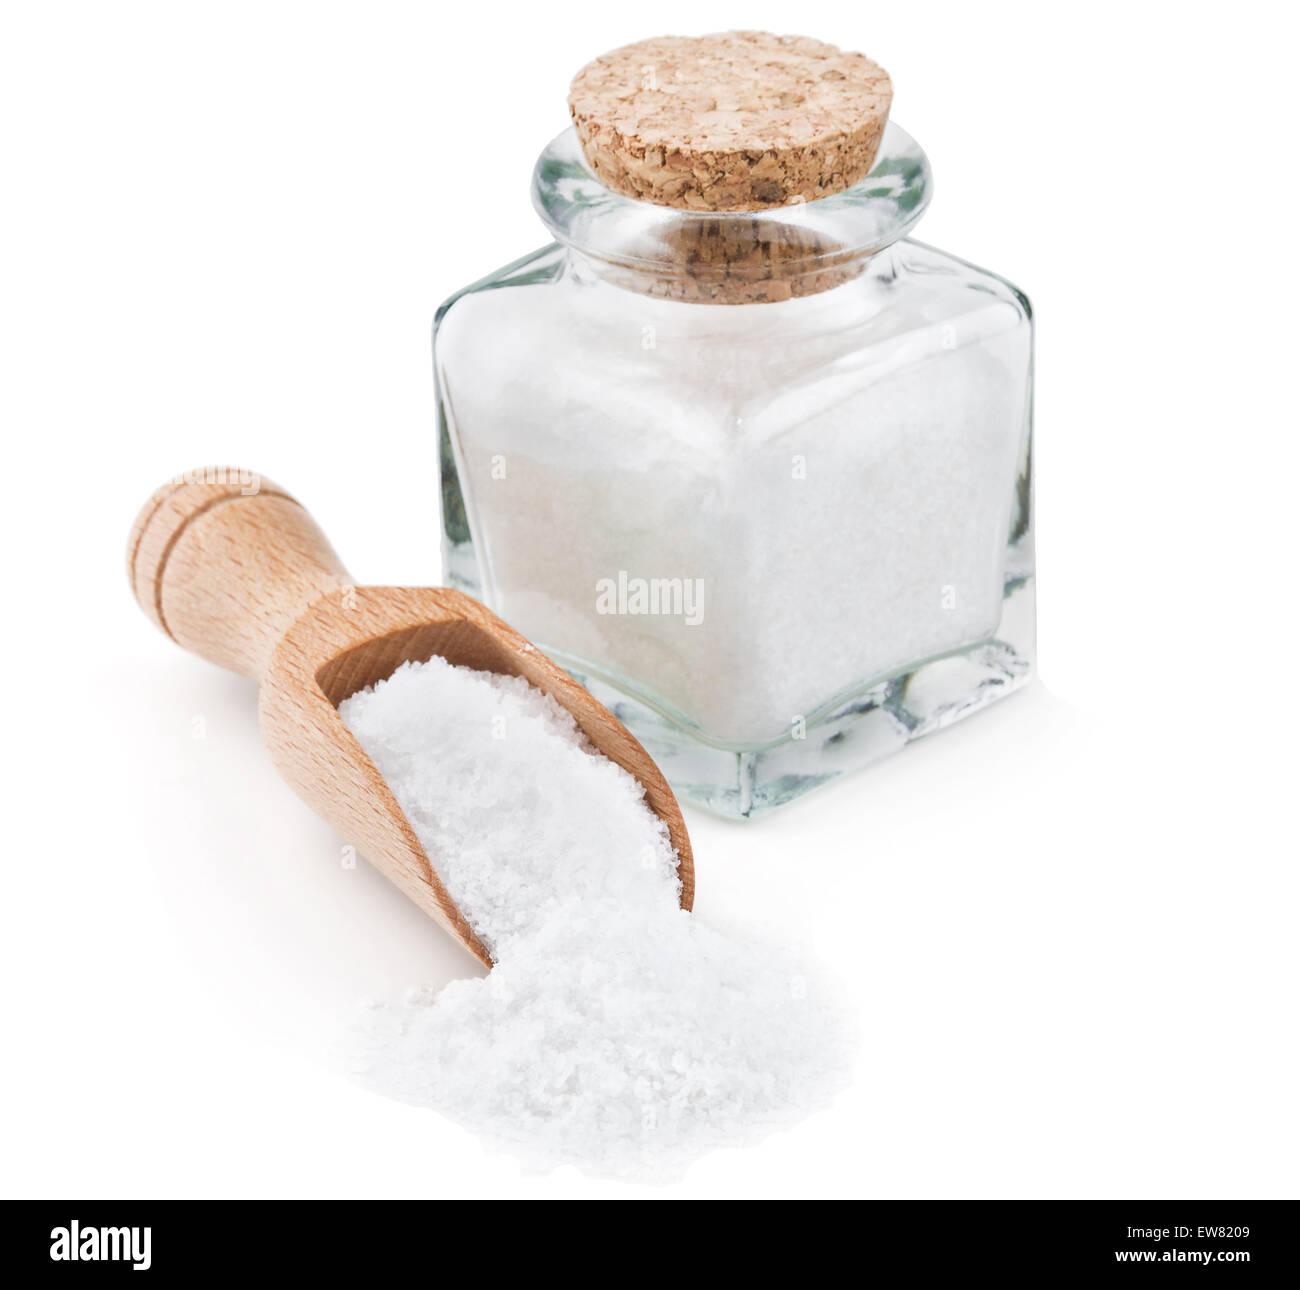 Regular table salt in a glass bottle - Stock Image